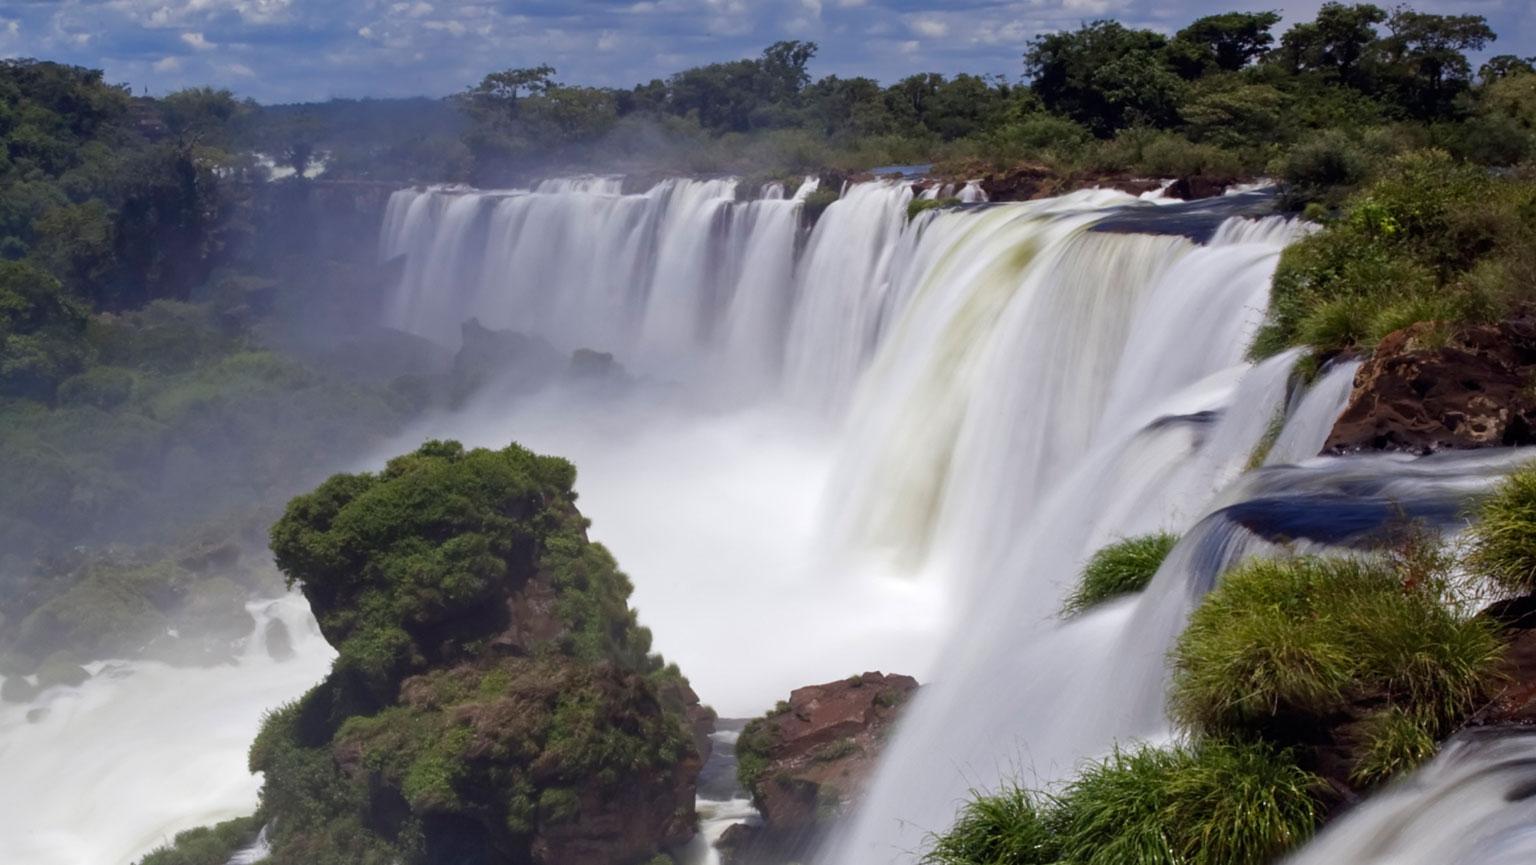 Iguazu Falls—Thundering Waterfalls